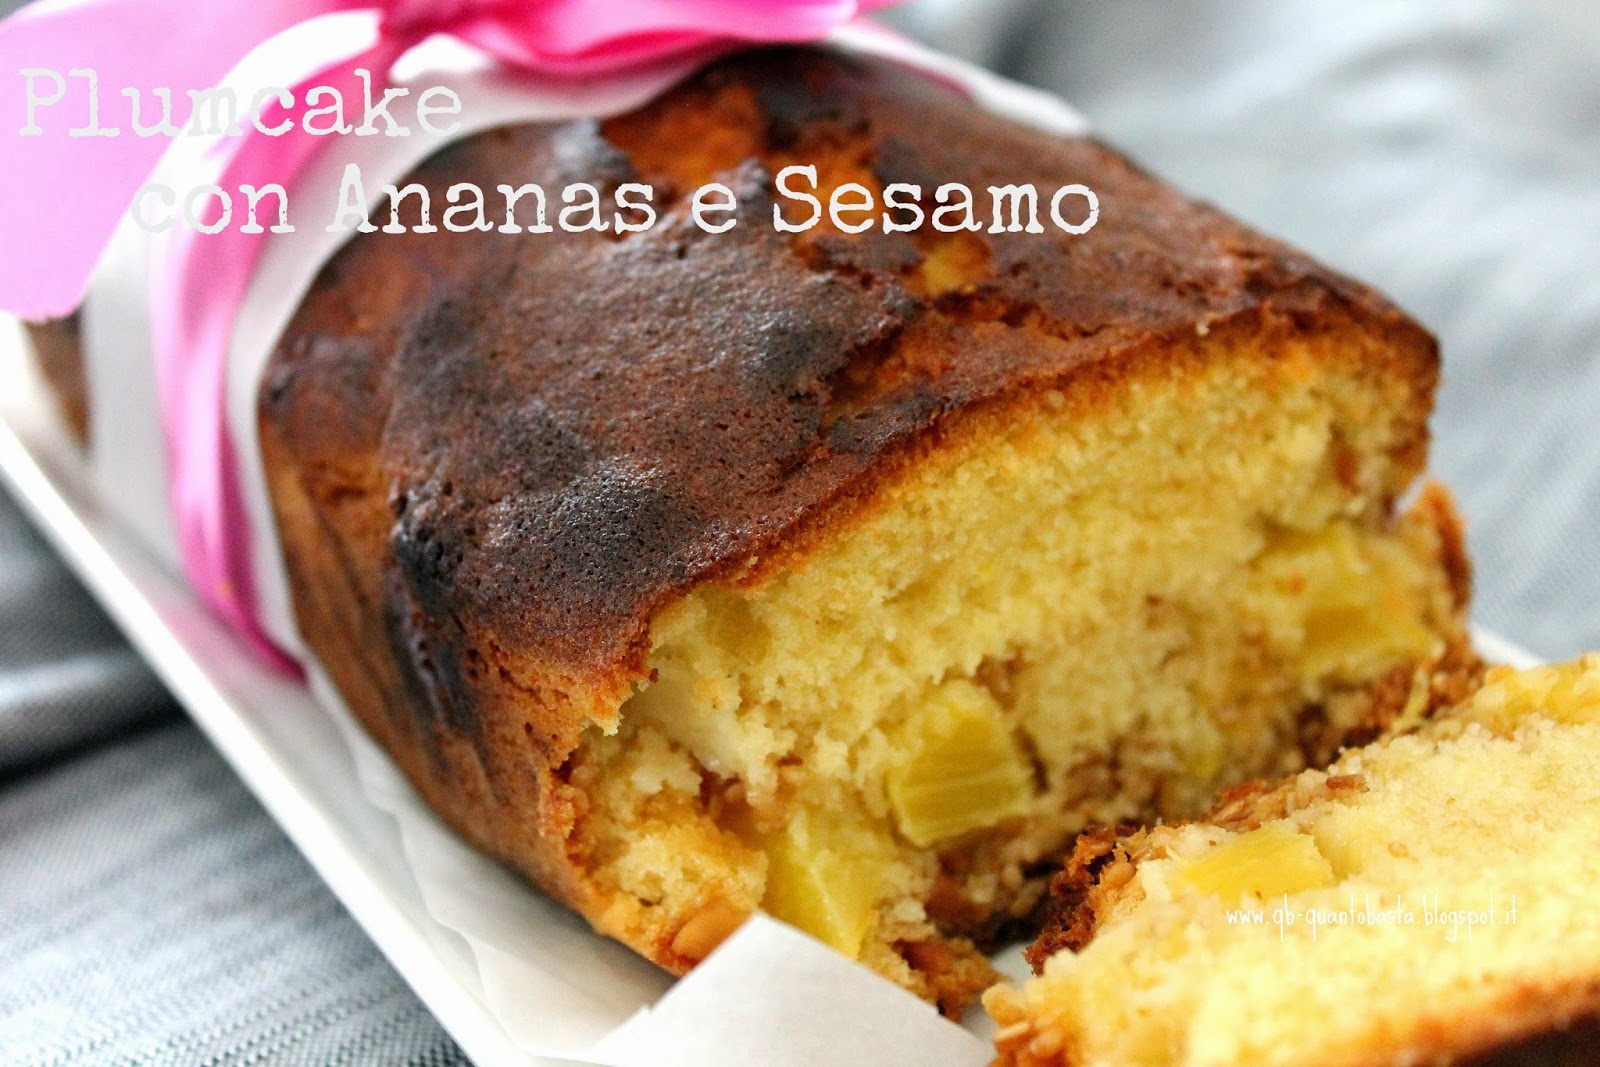 Qb - Quanto Basta.:Plumcake con ananas e sesamo